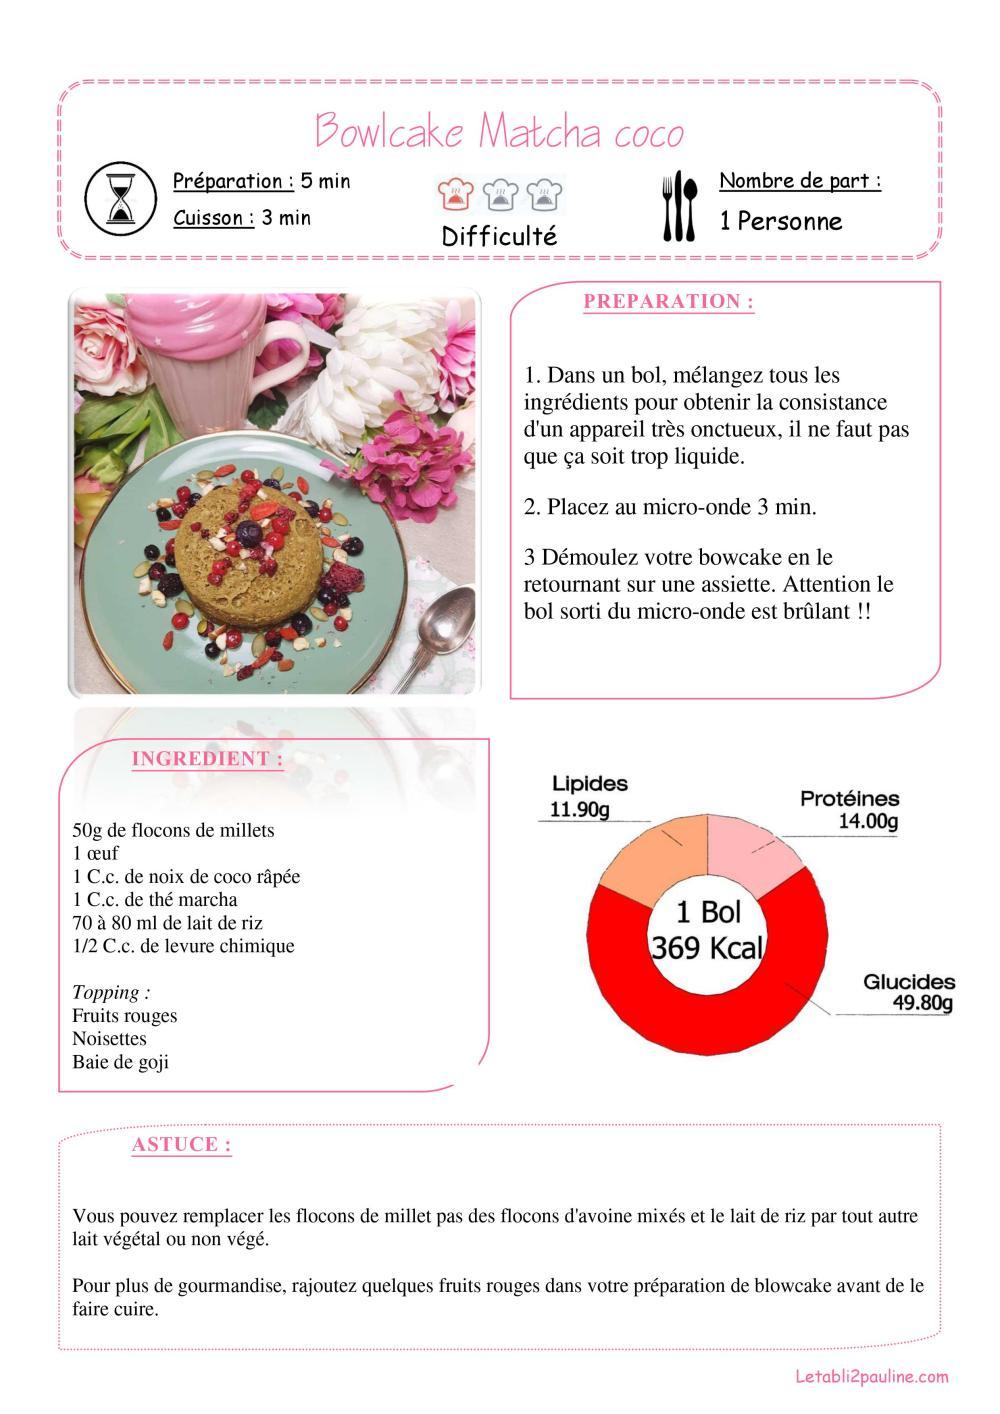 Fiche recette Bowlcake matcha coco